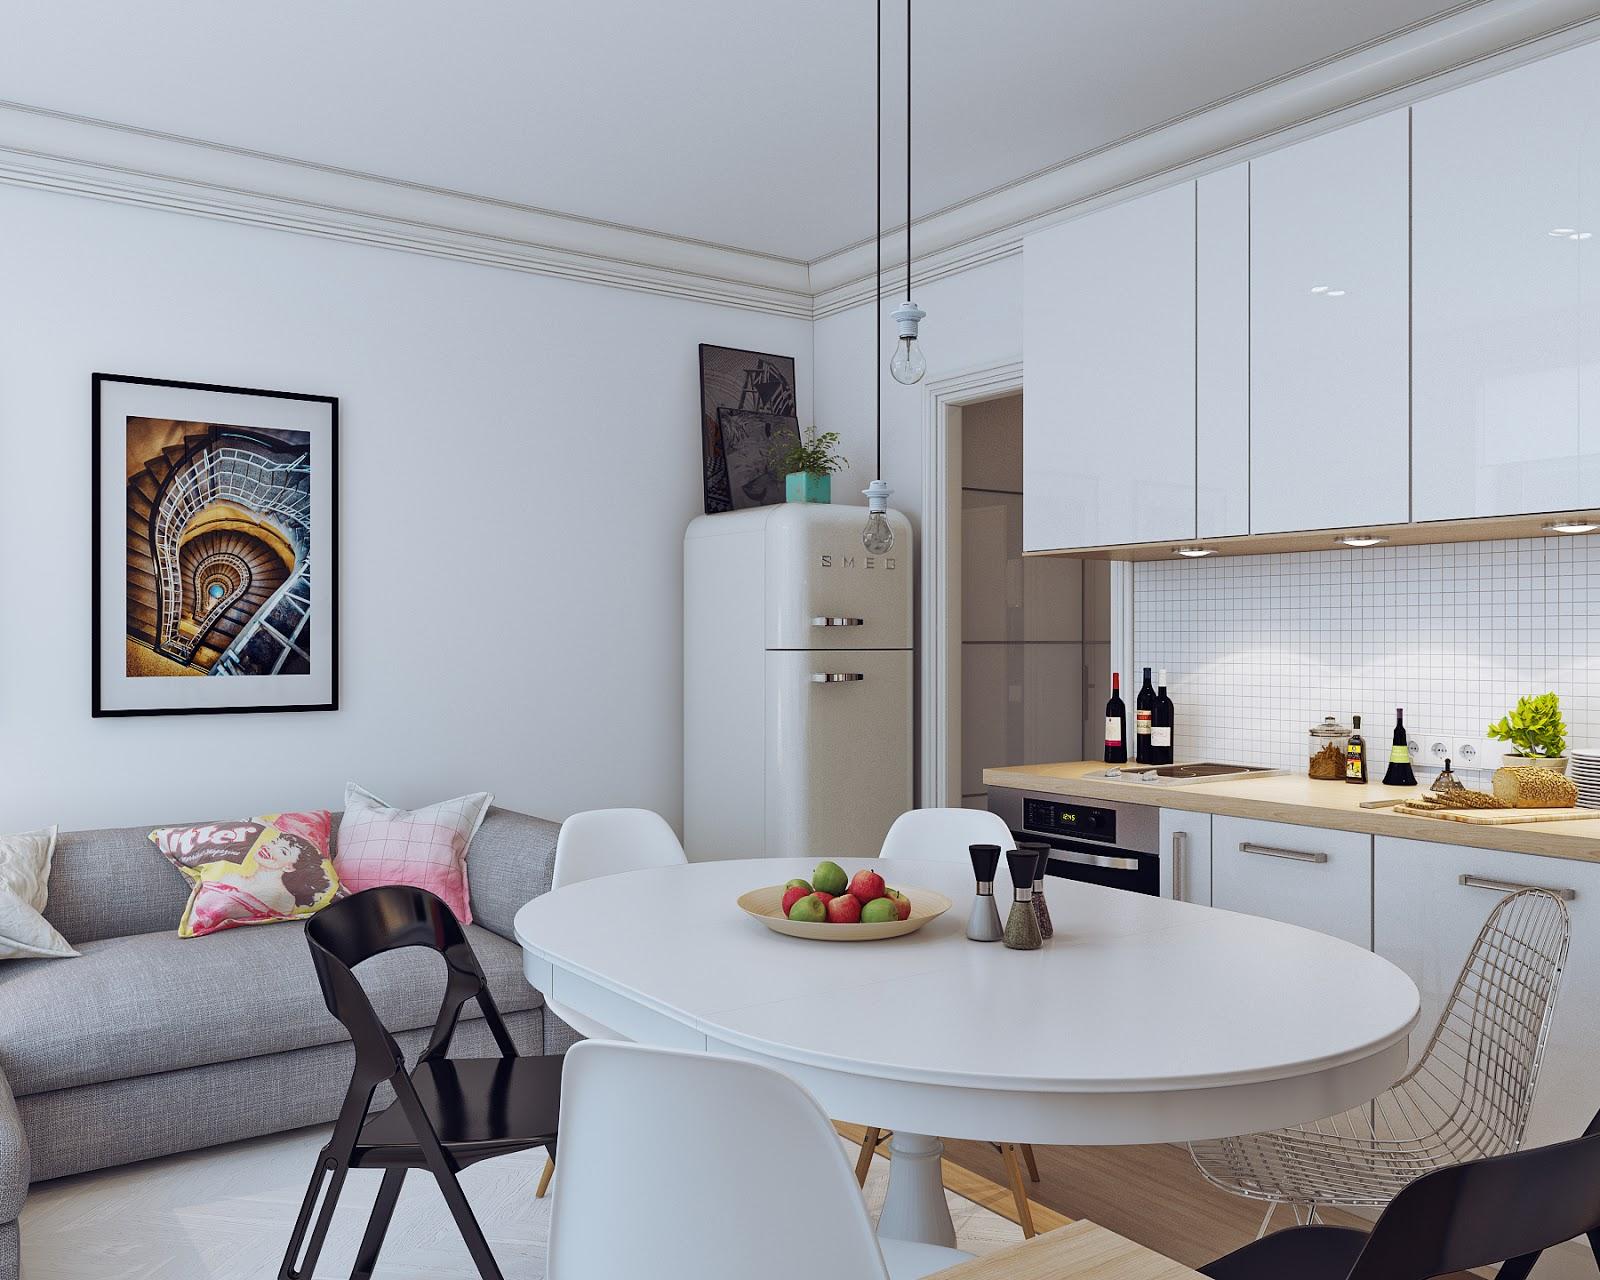 Arredare piccoli spazi giocando con i colori 25 mq for Chimeneas en apartamentos pequenos